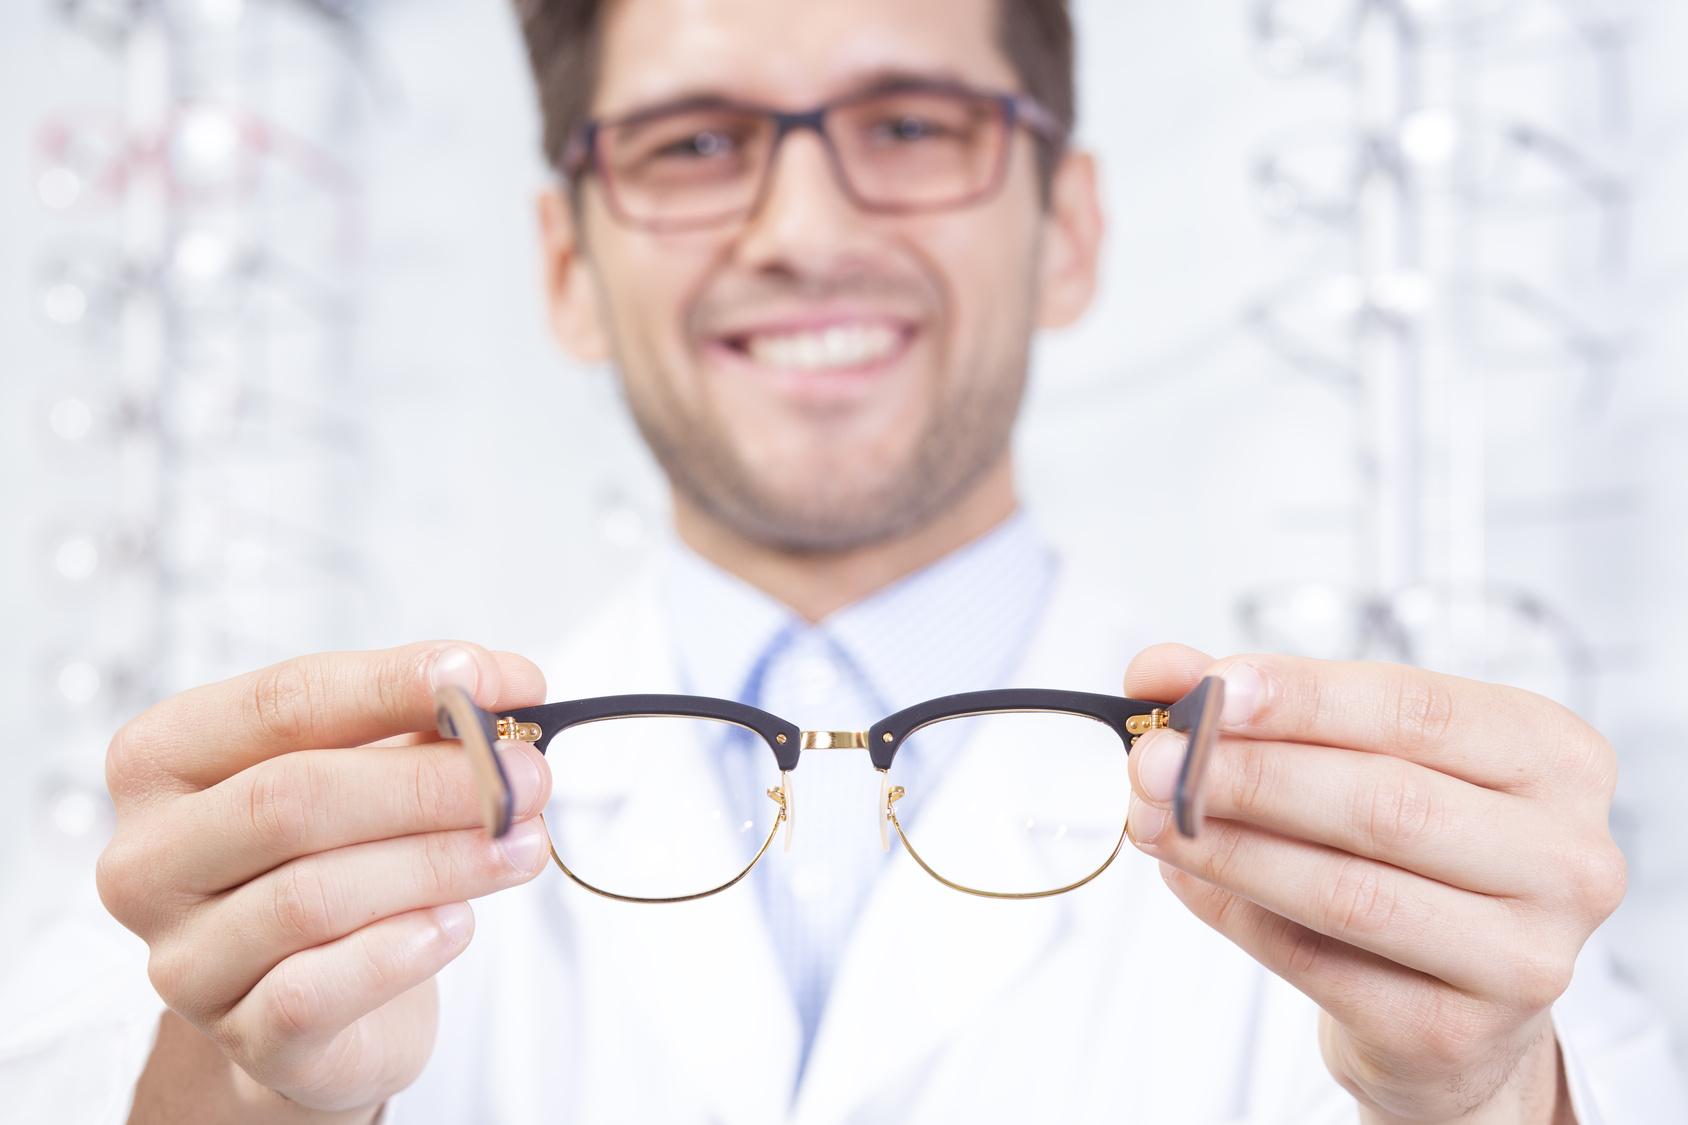 5 dicas para se adaptar aos óculos novos   Quevedo - Joalheria e Ótica 1b72d37e99